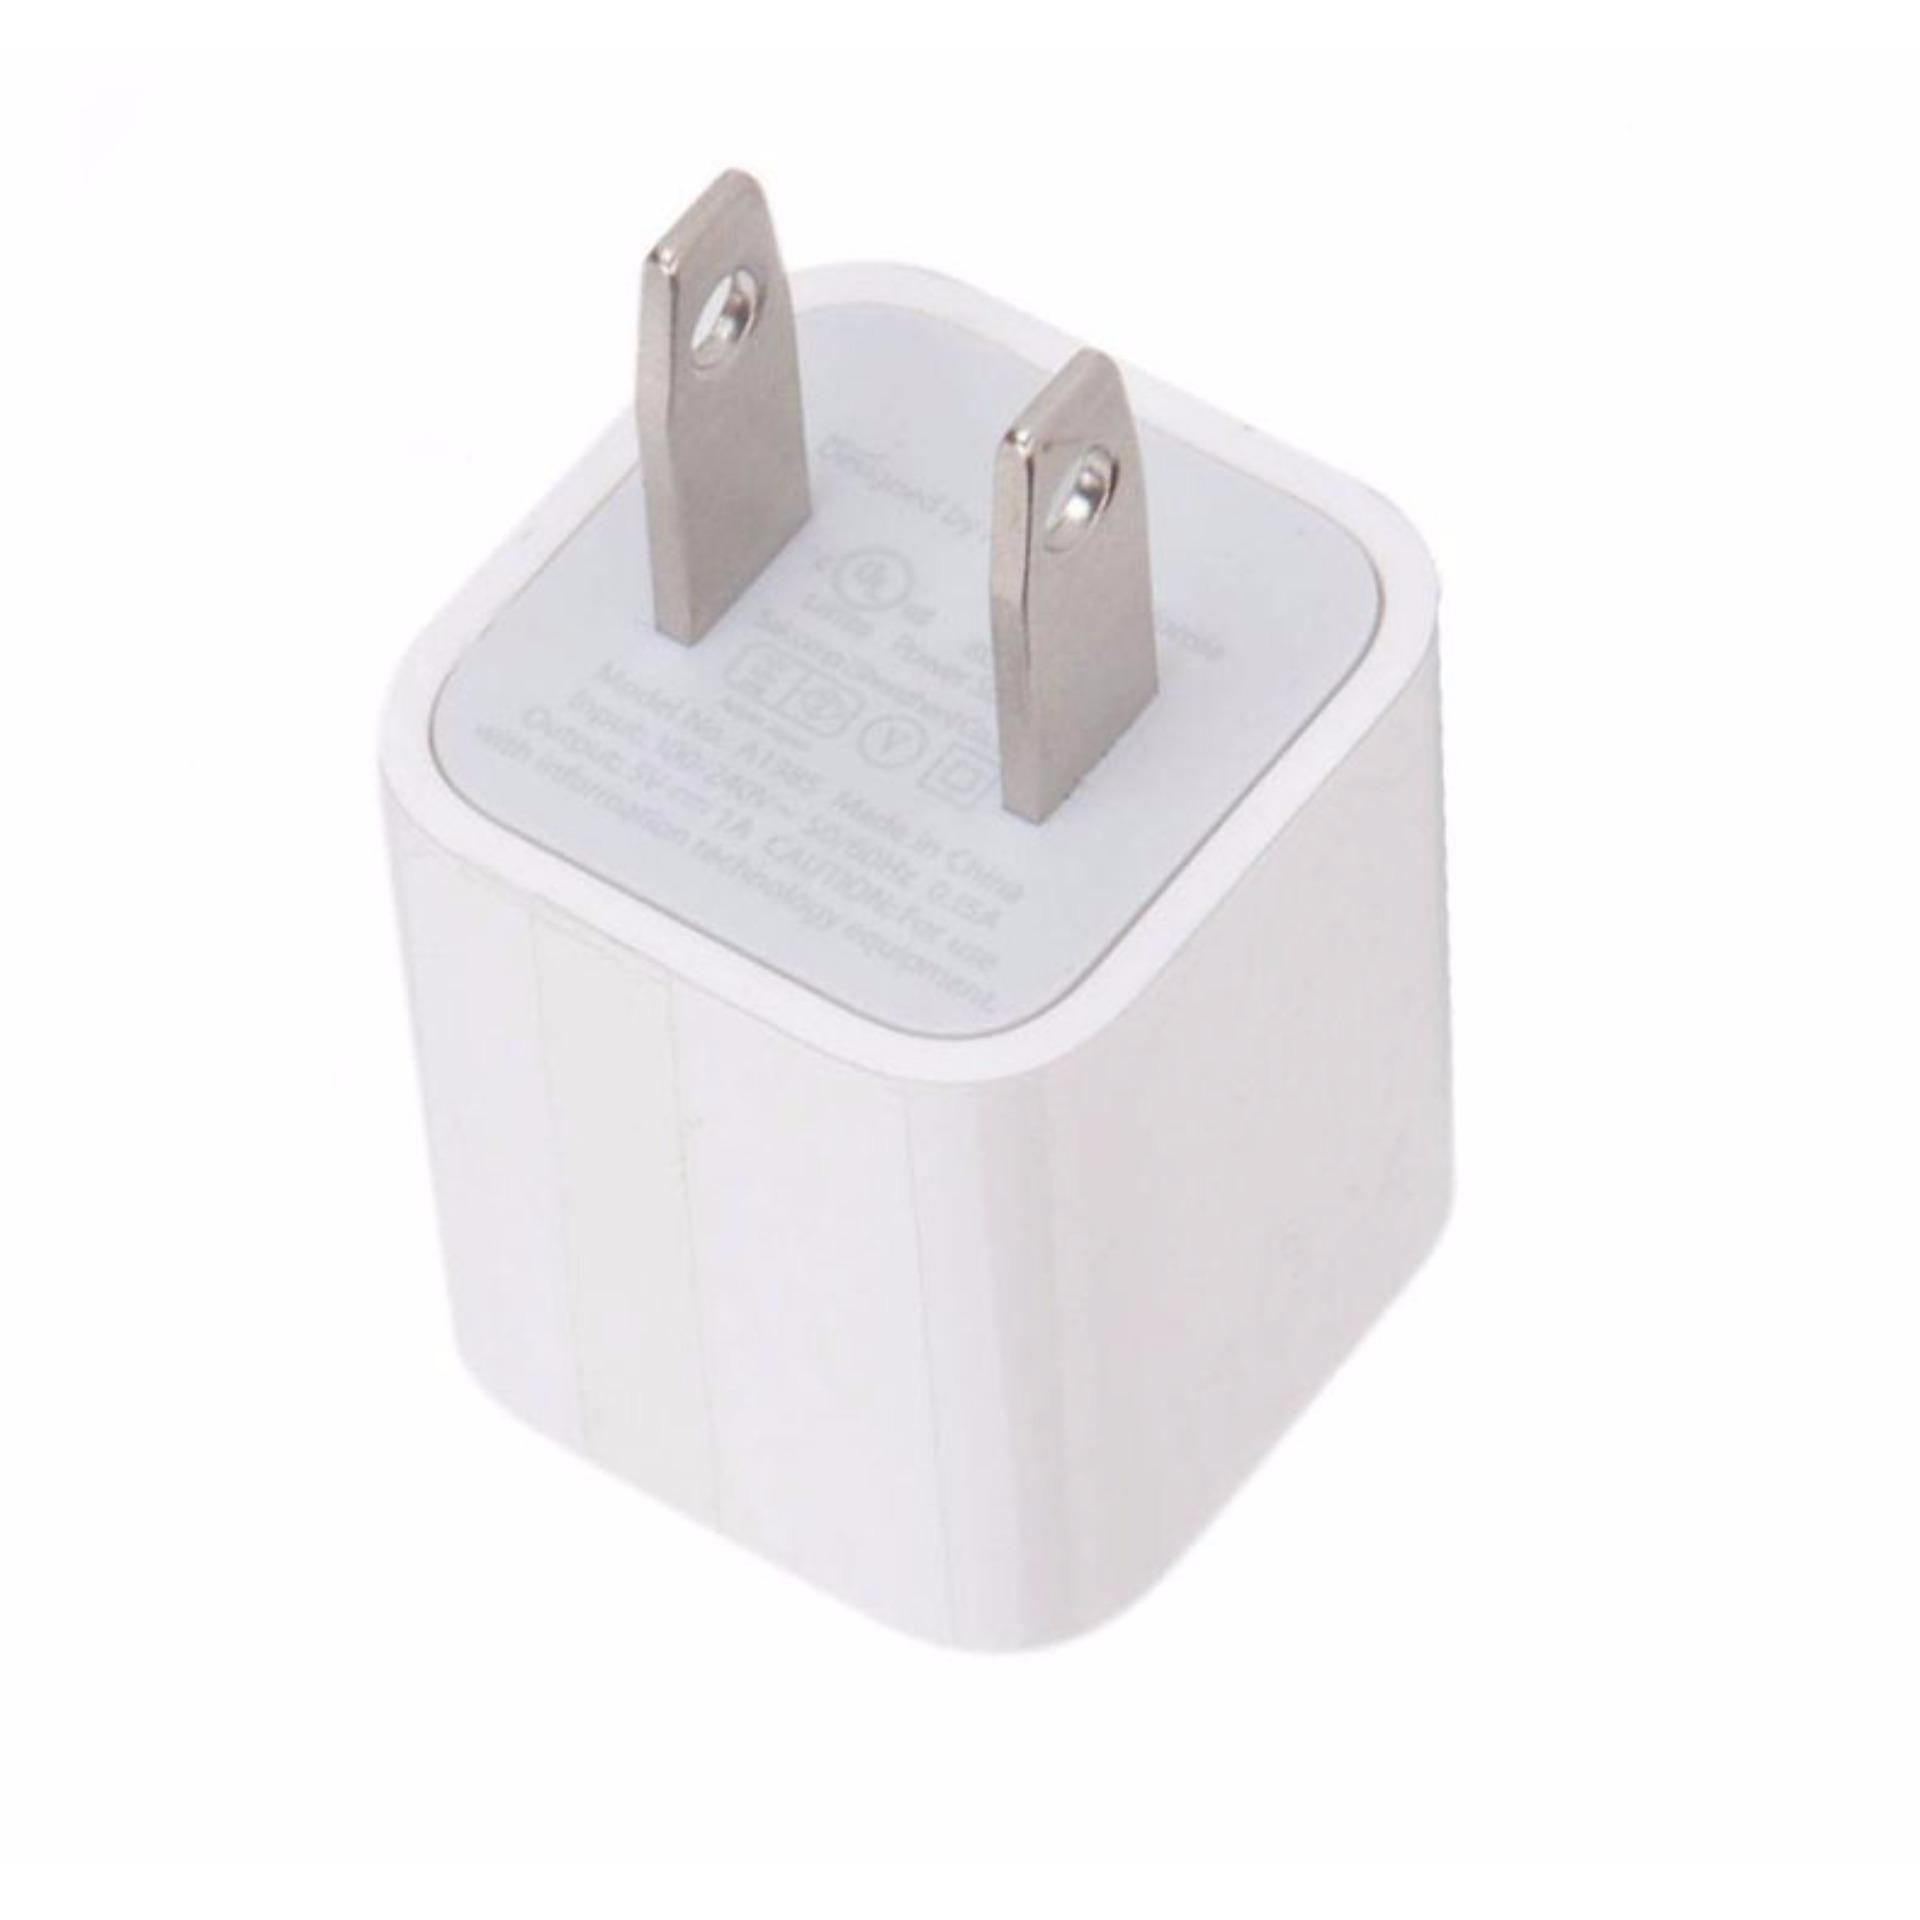 Củ sạc iphone 6 -(Hàng nhập khẩu)(Trắng)